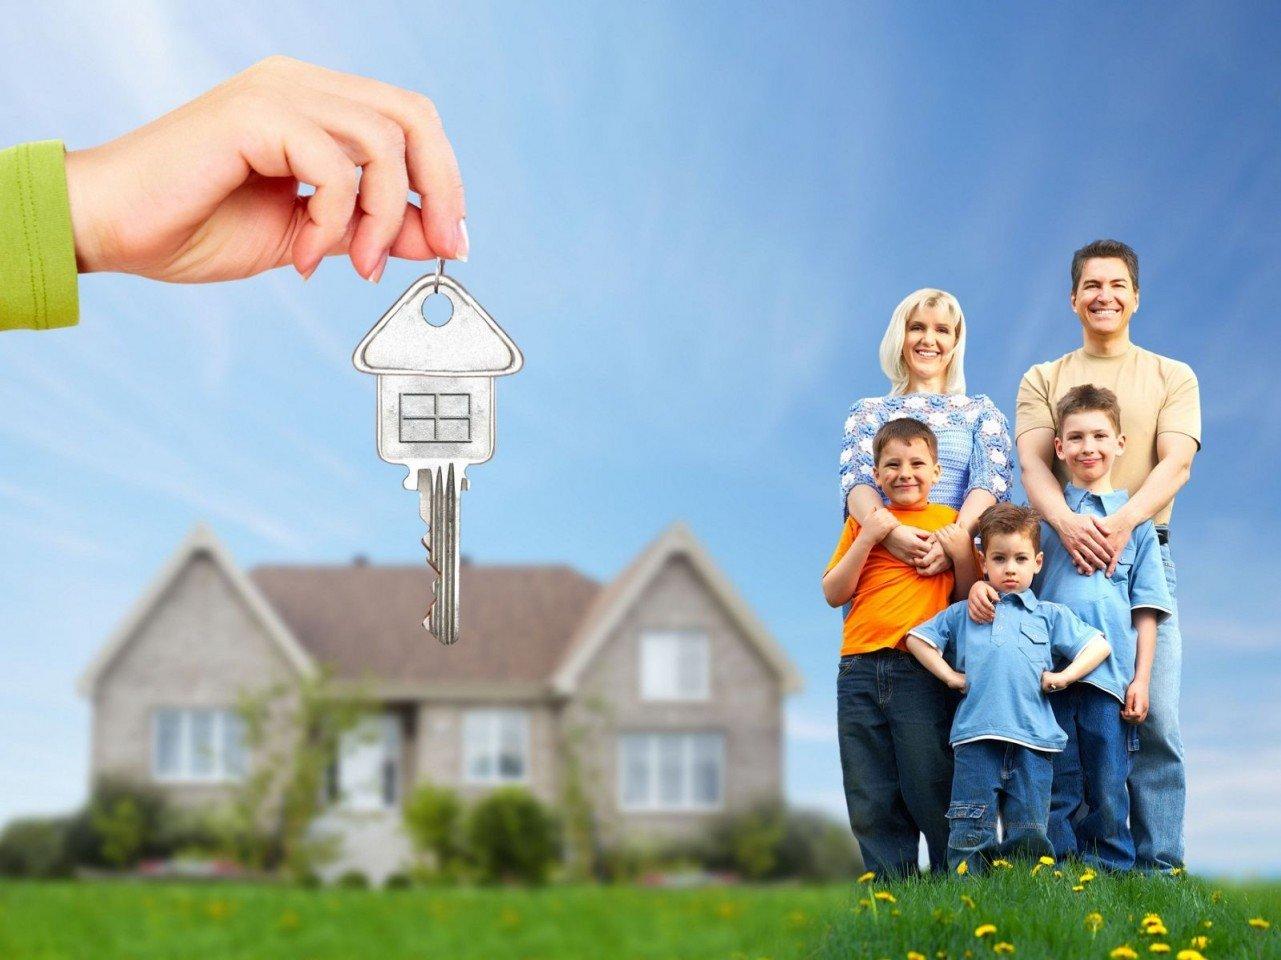 Минфин предлагает включить в льготную программу «Семейная ипотека 6%» покупку земли для строительства дома